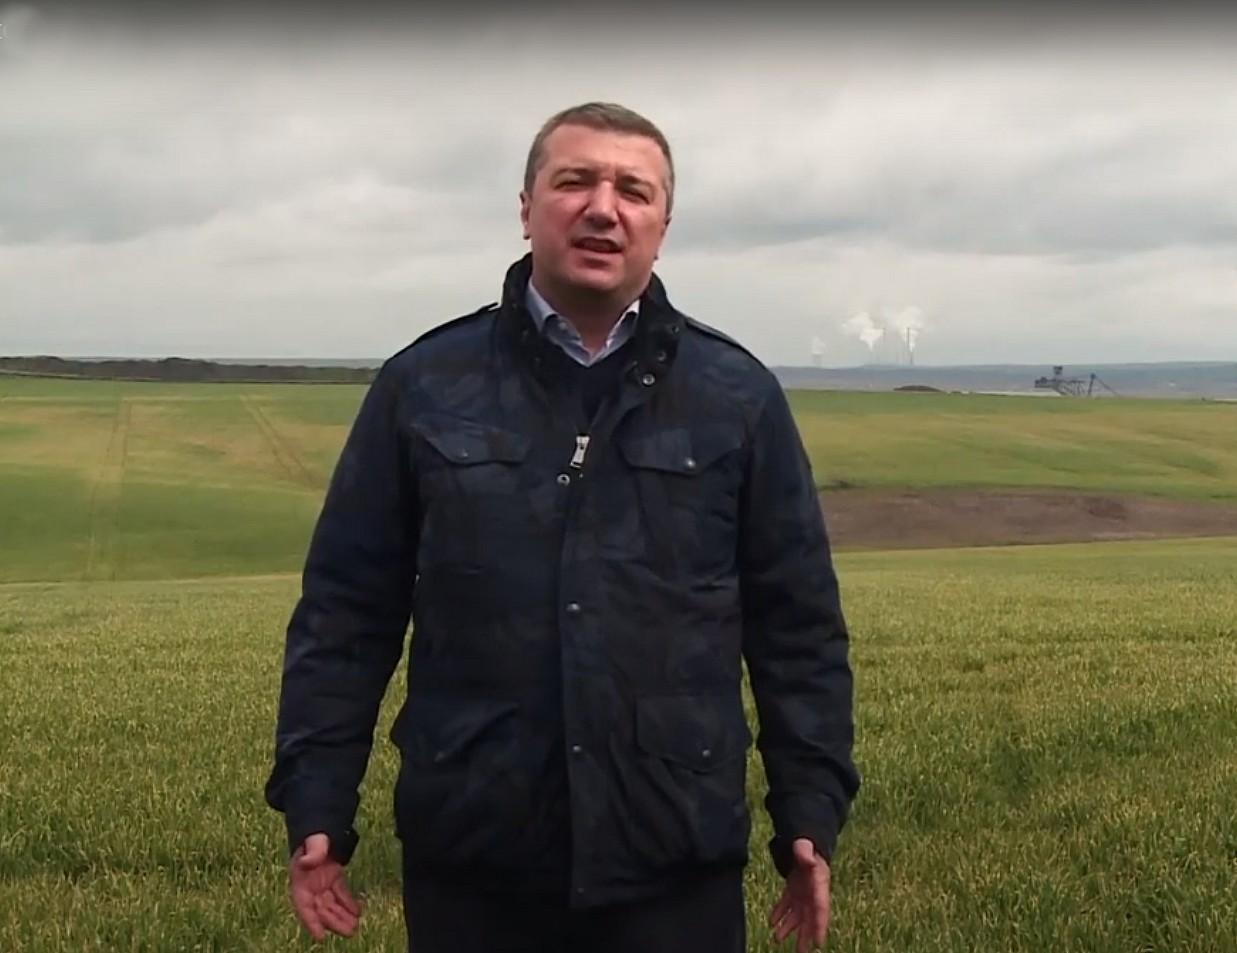 Видеобръщение към избирателите от Драгомир Стойнев, коалиция БСП за България - Стара Загора